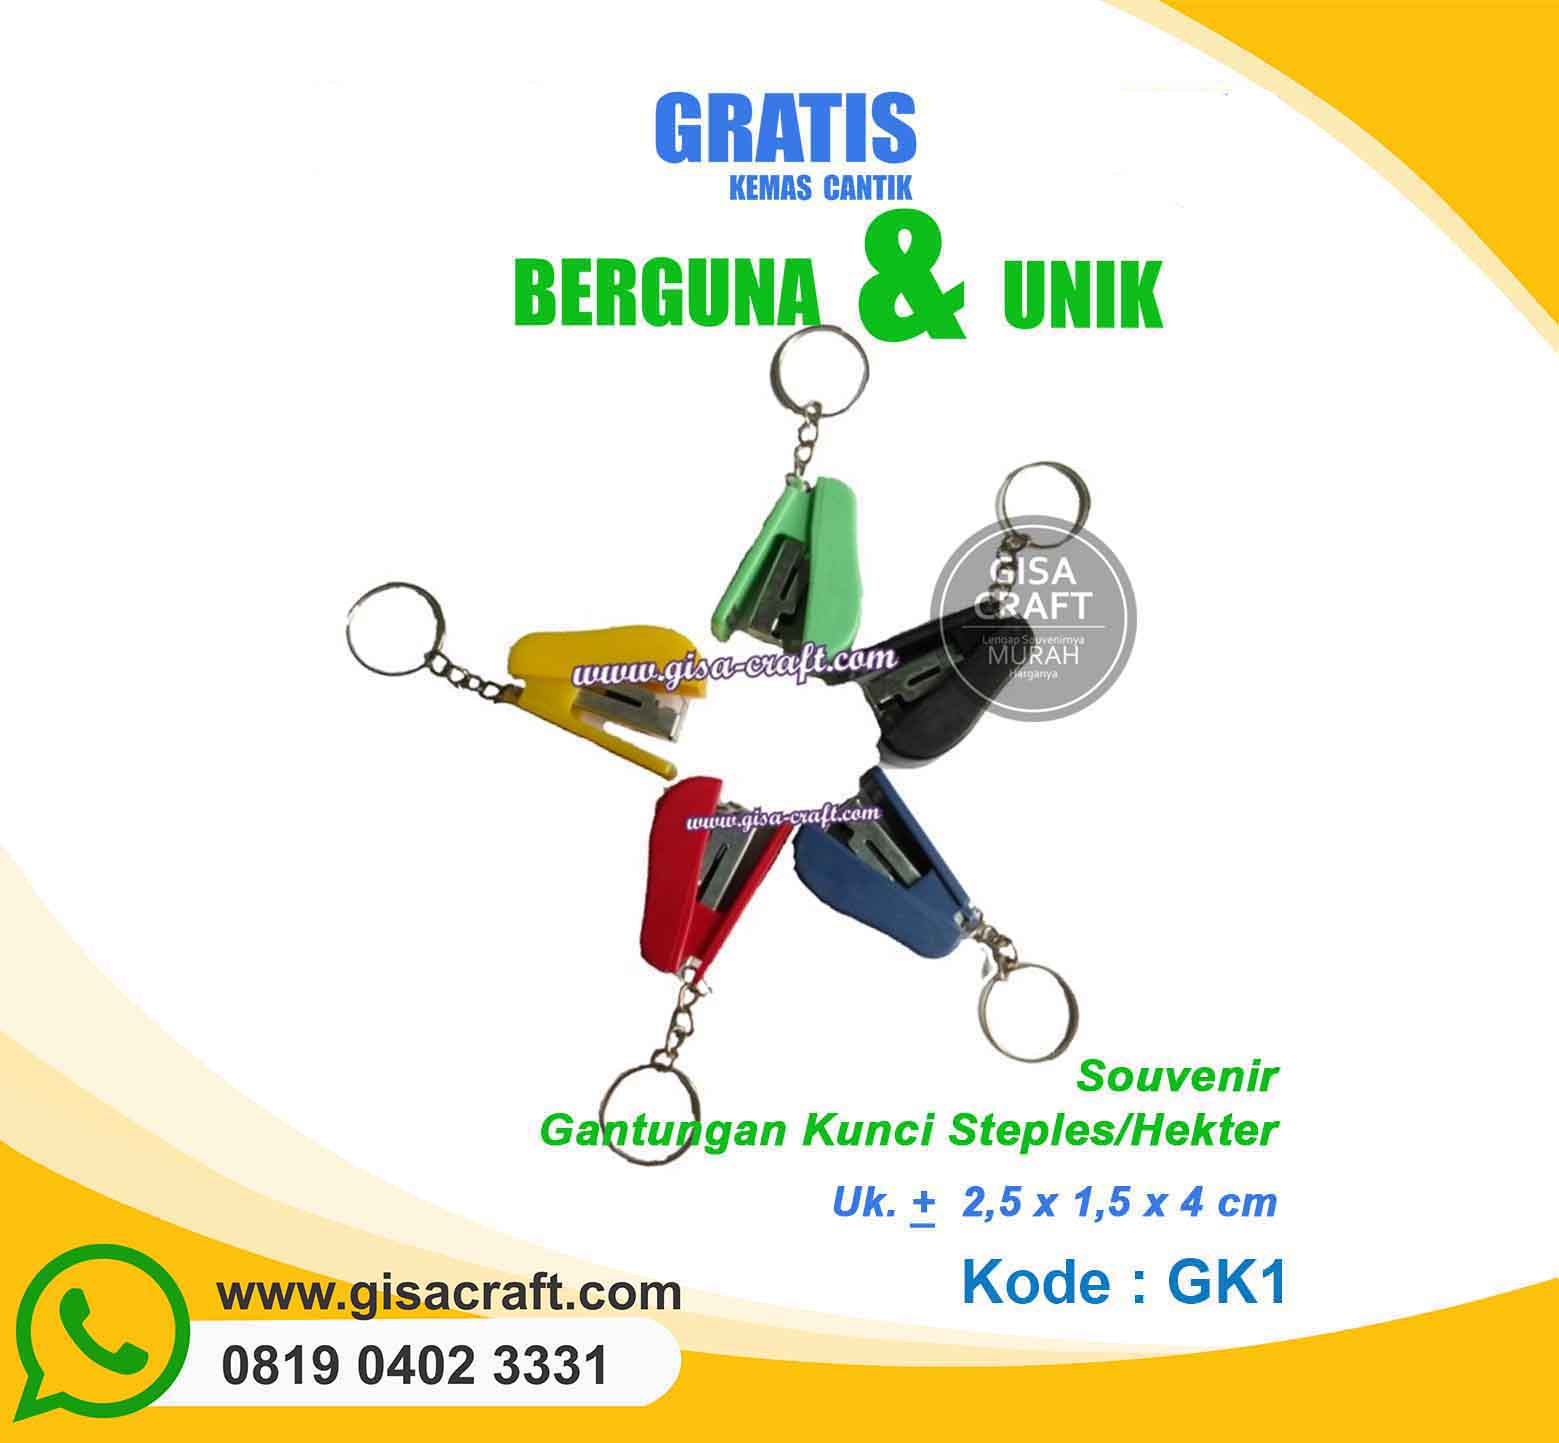 Souvenir Gantungan Kunci Hekter GK1